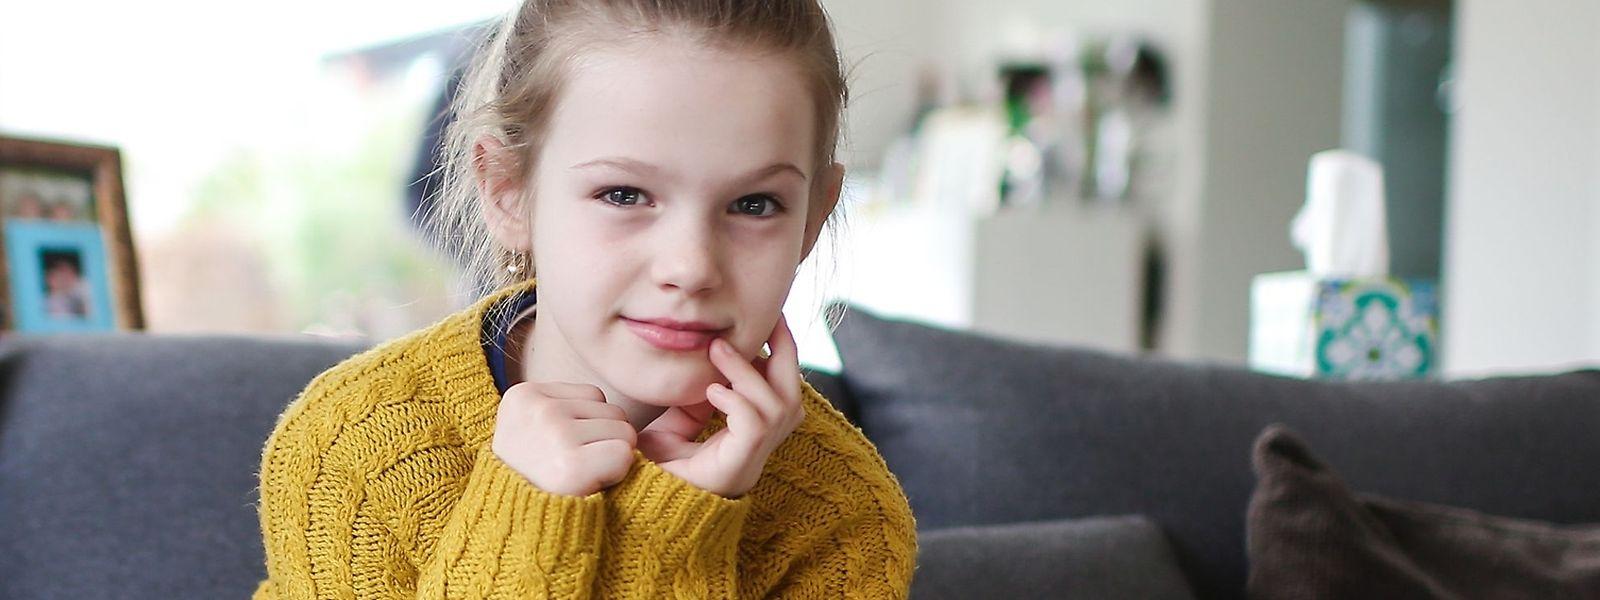 Abby leidet an einer seltenen Erkrankung – auf die Fragen ihrer Eltern konnte bisher kein Arzt antworten